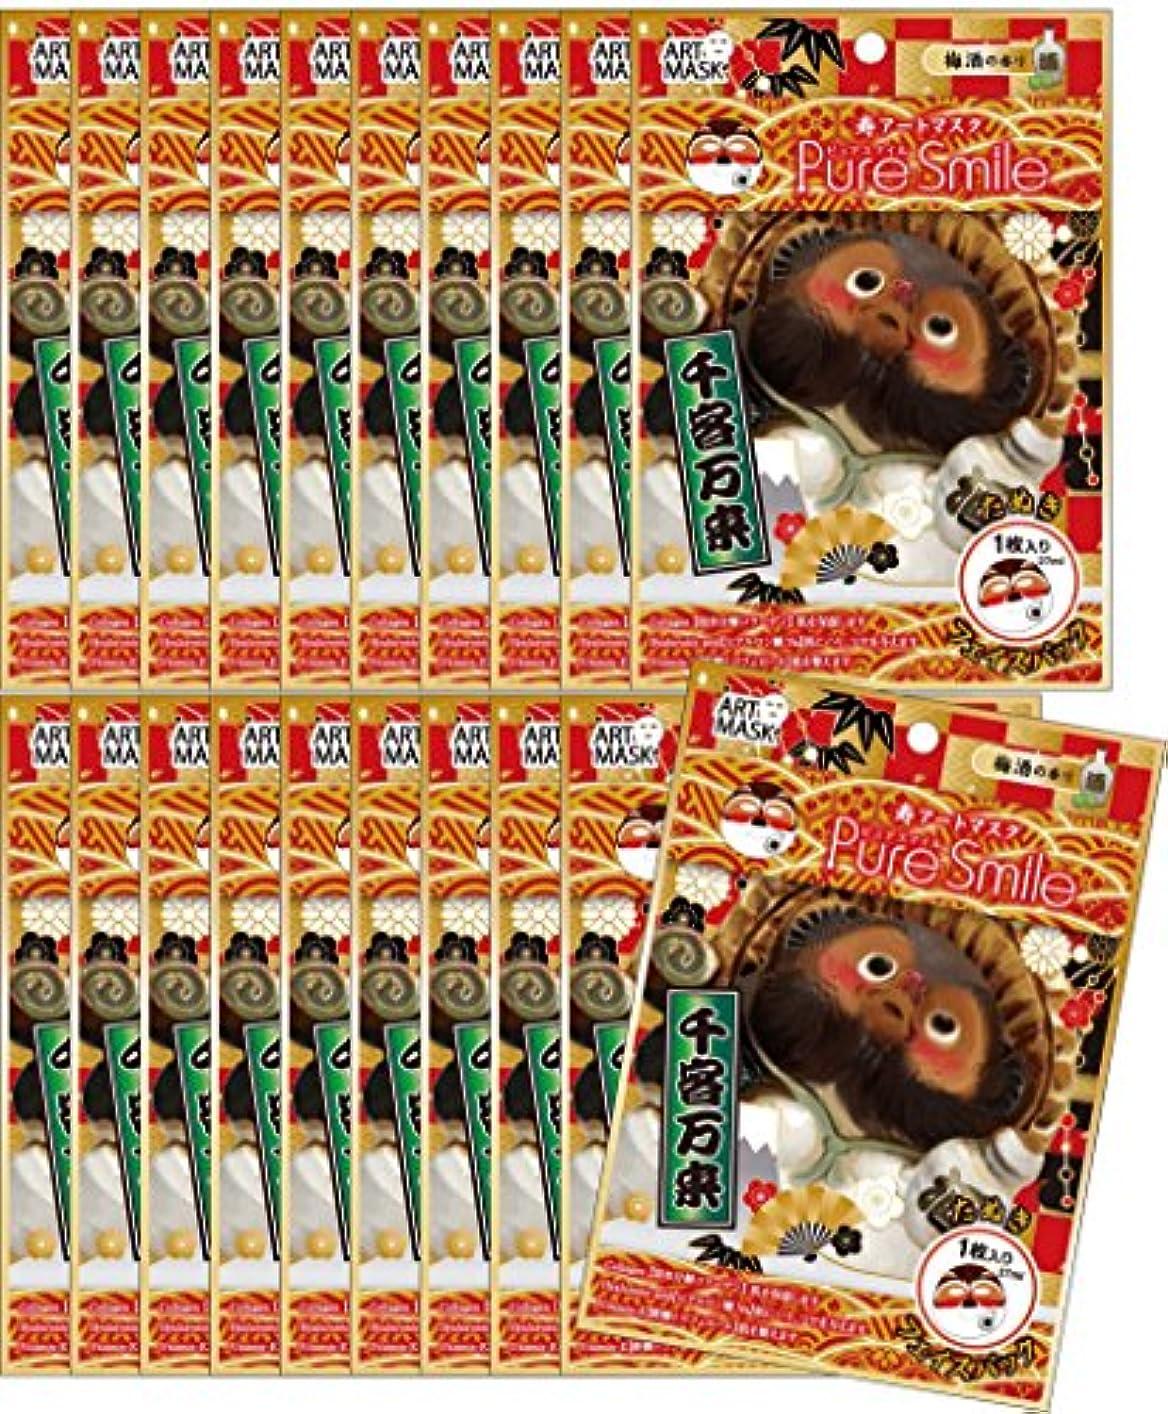 ミット救いオート【ピュアスマイル】『迎春寿アートマスク』(たぬき/梅酒の香り)20枚セット